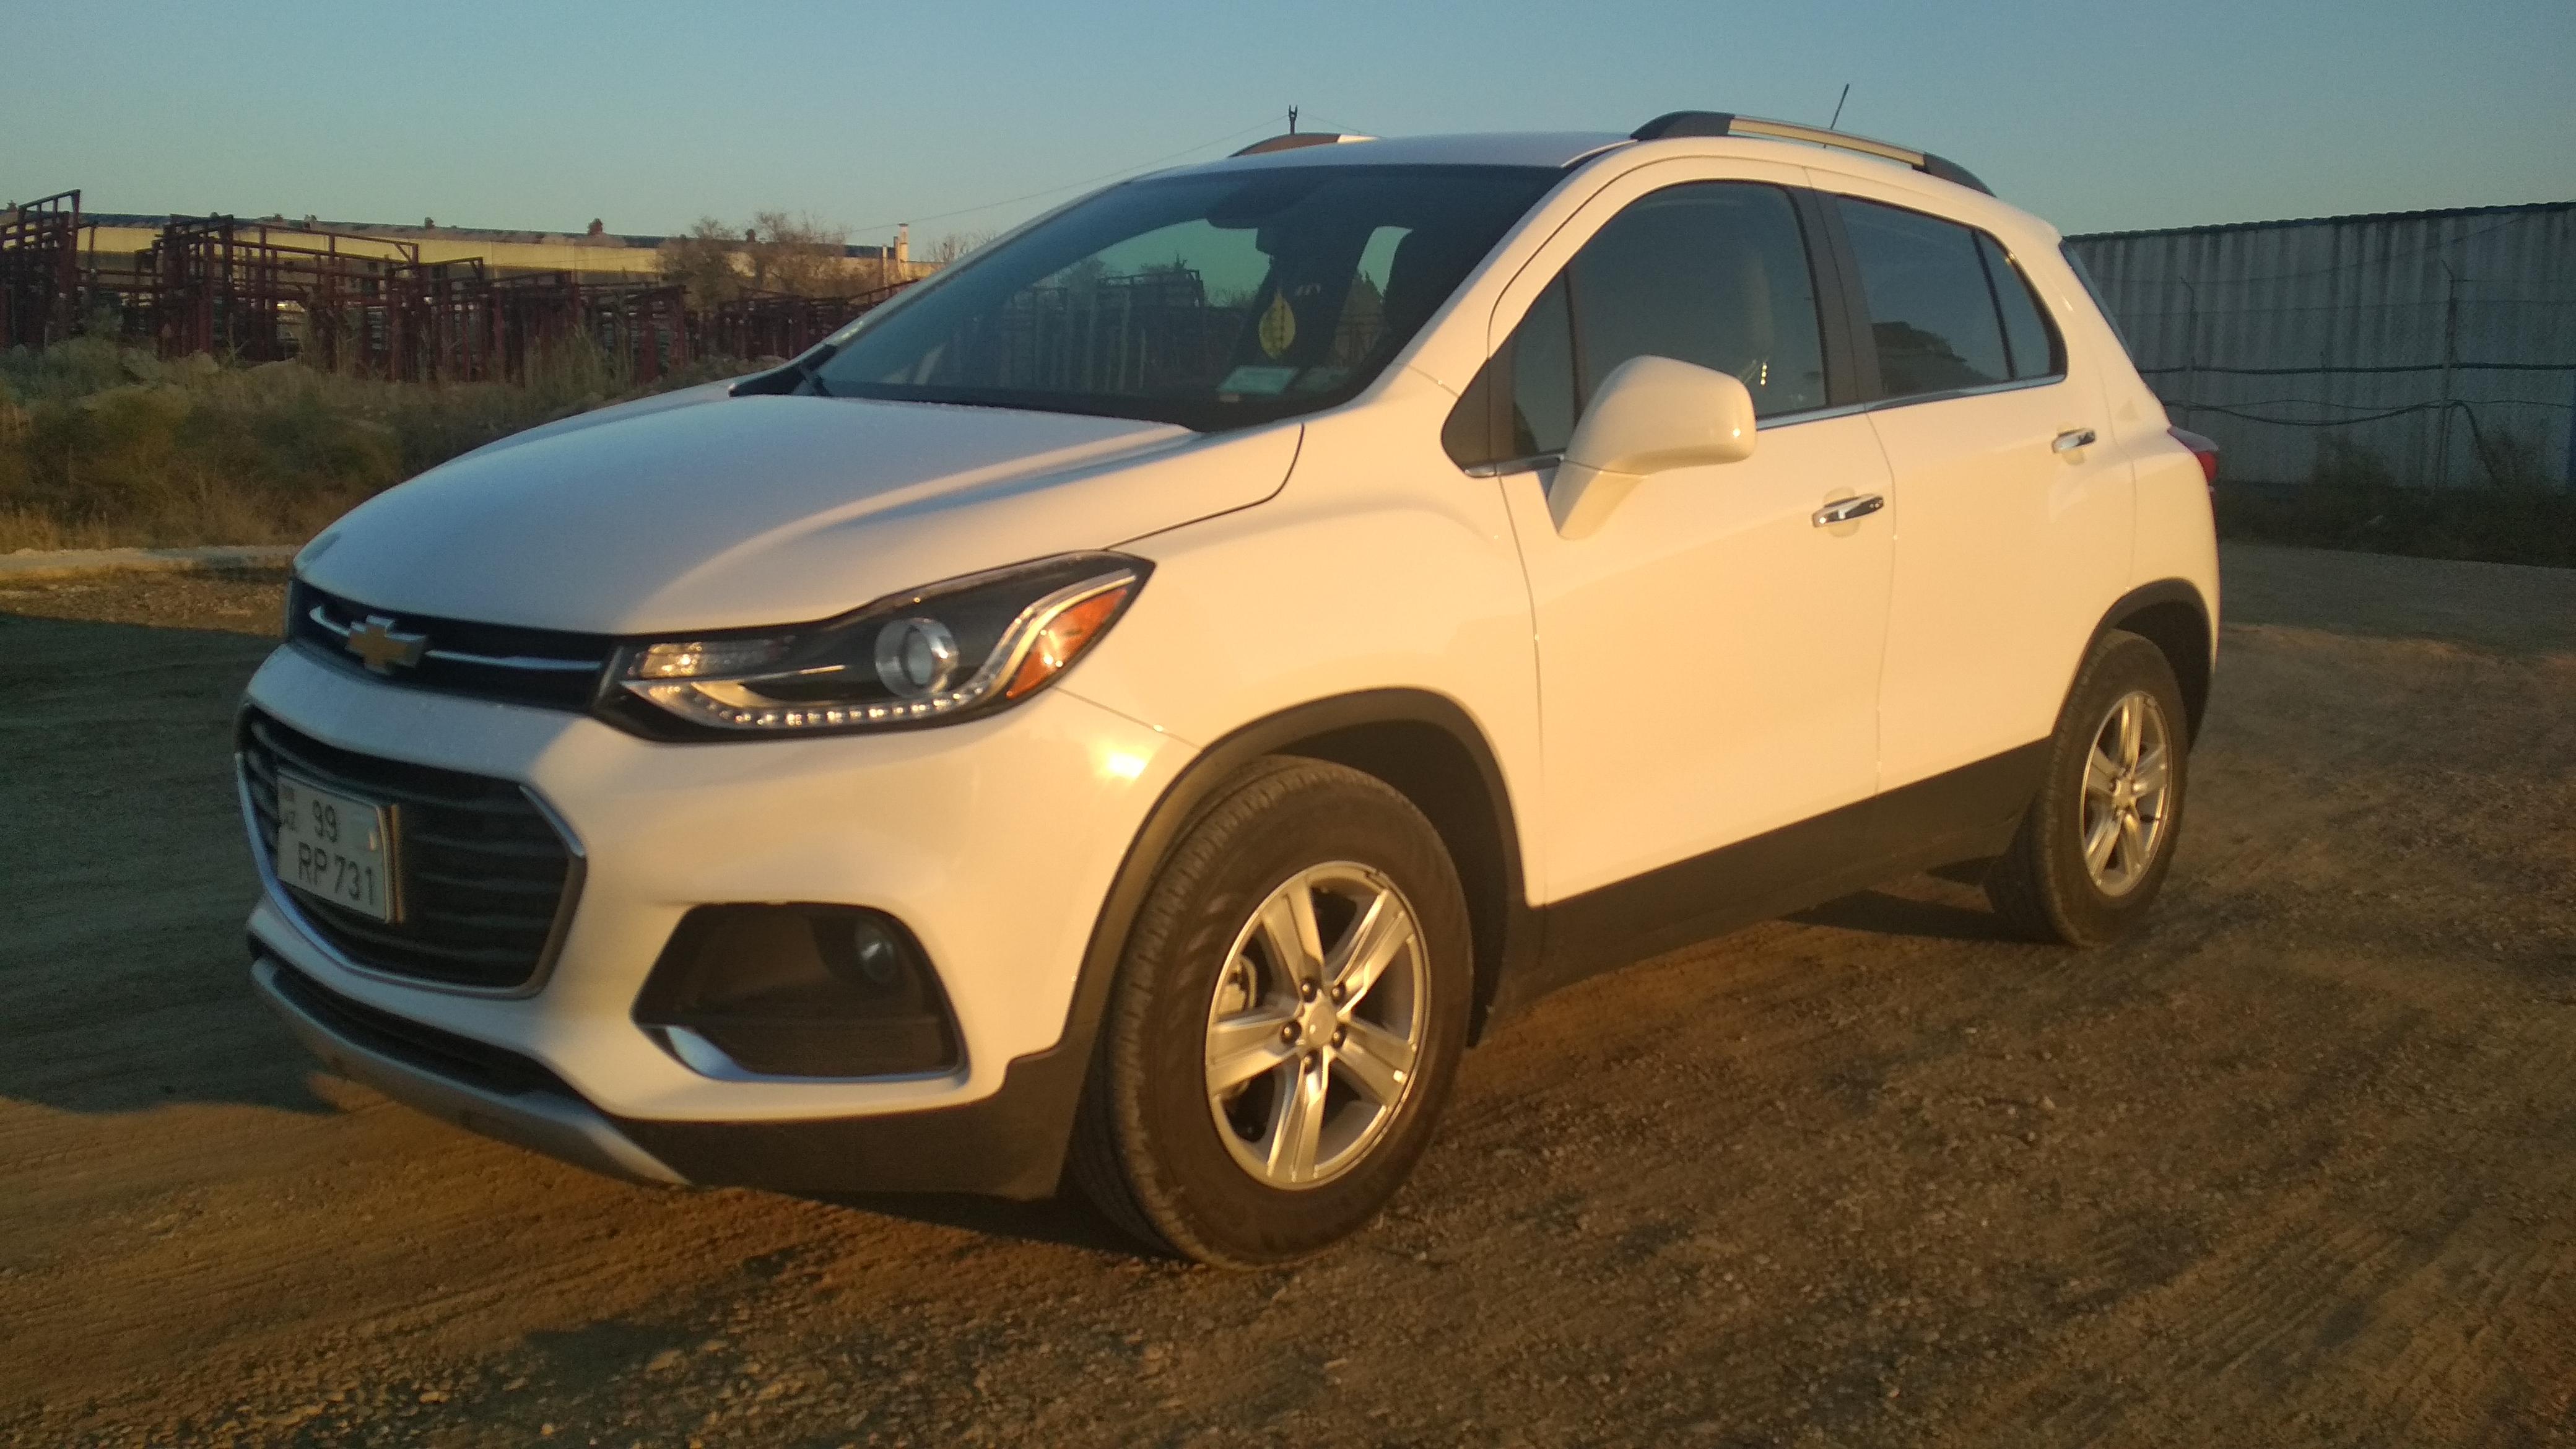 Chevrolet Trax 1.4(lt) 2017 İkinci əl  $24800